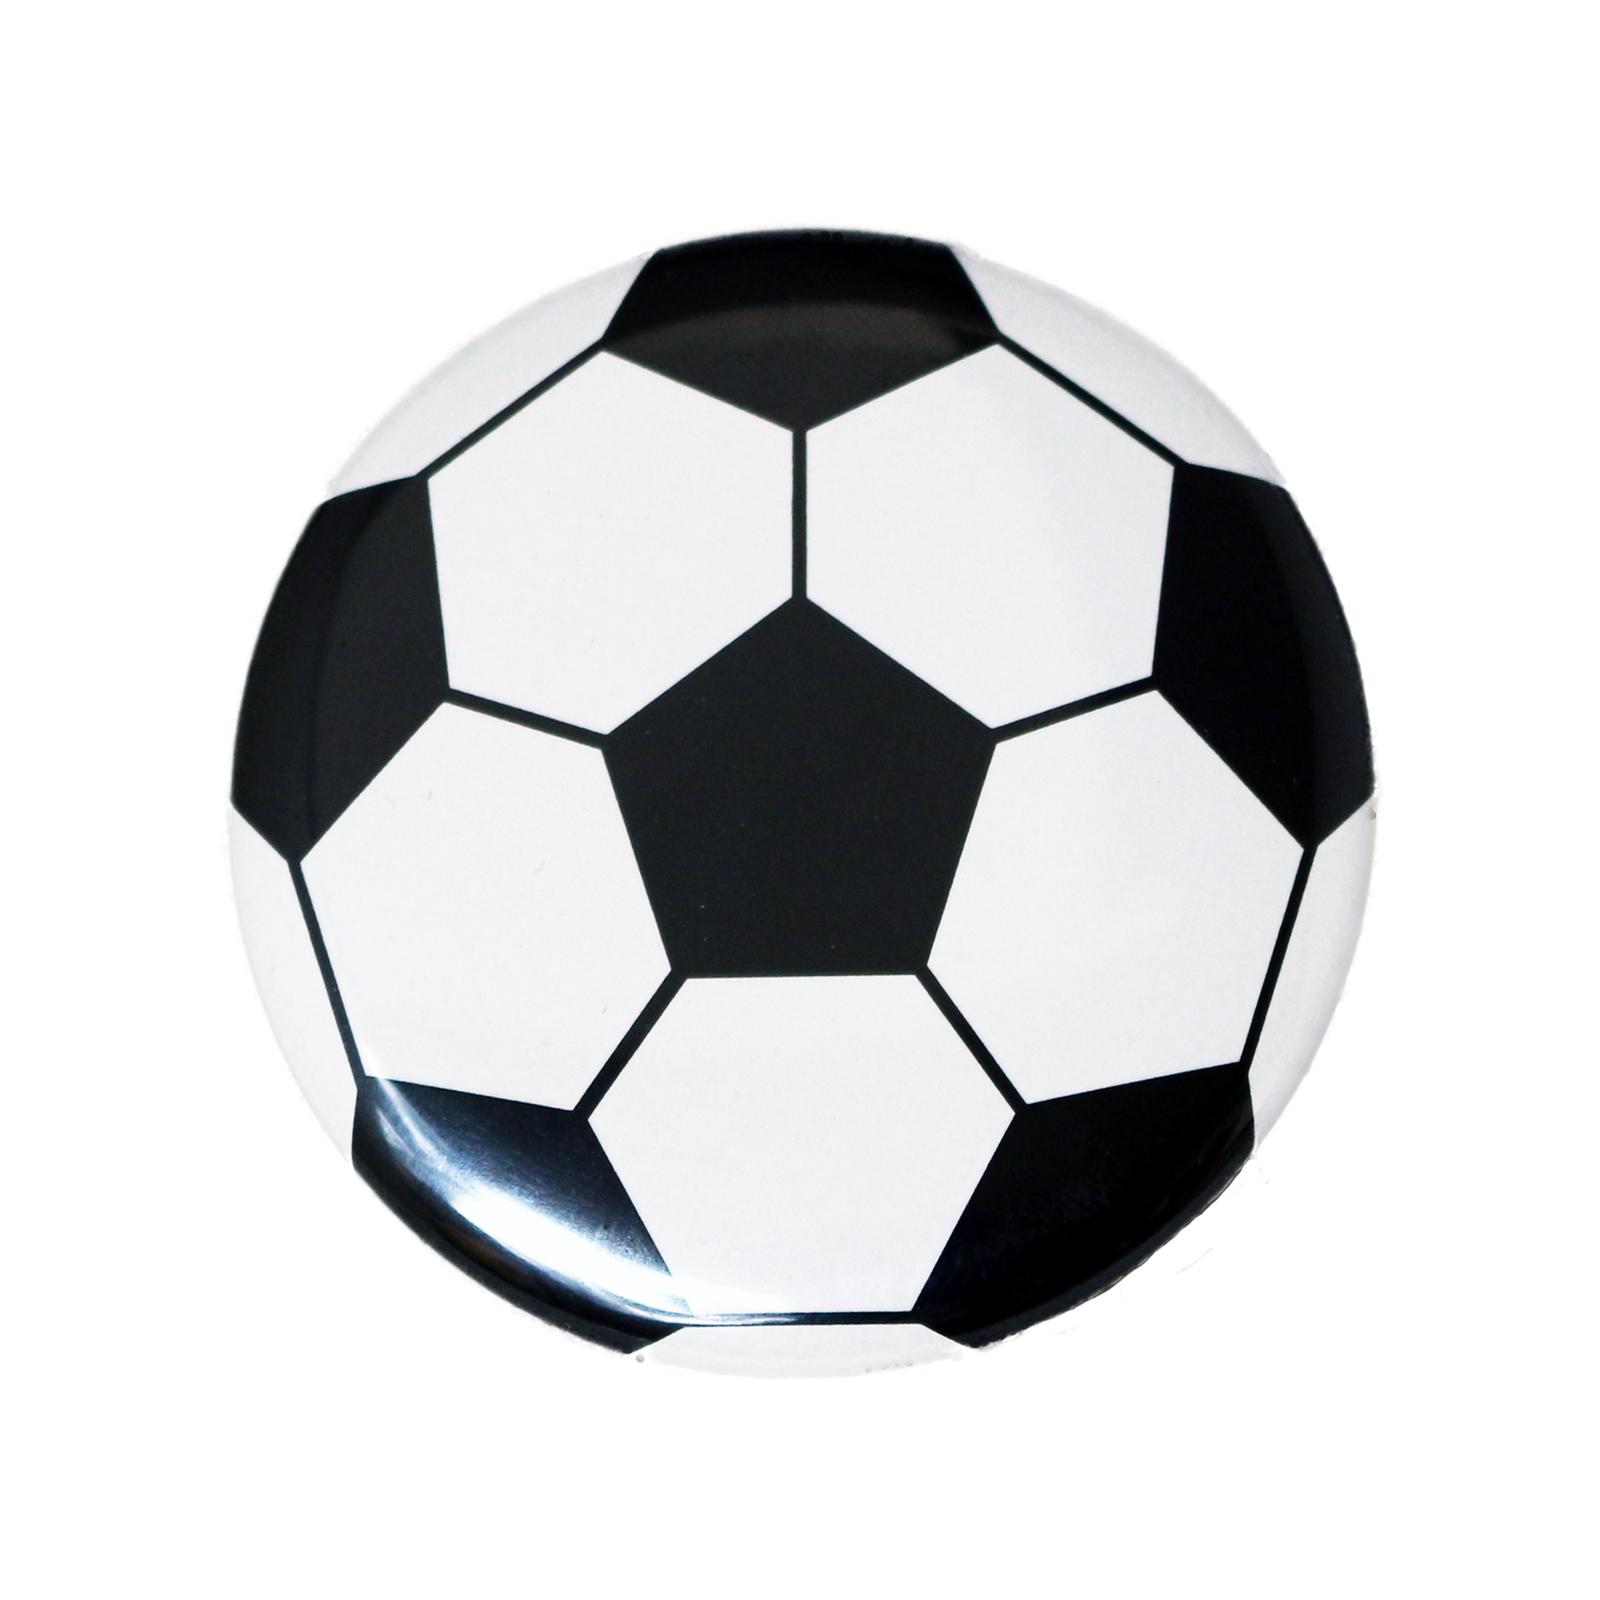 缶バッチ サッカーボール柄